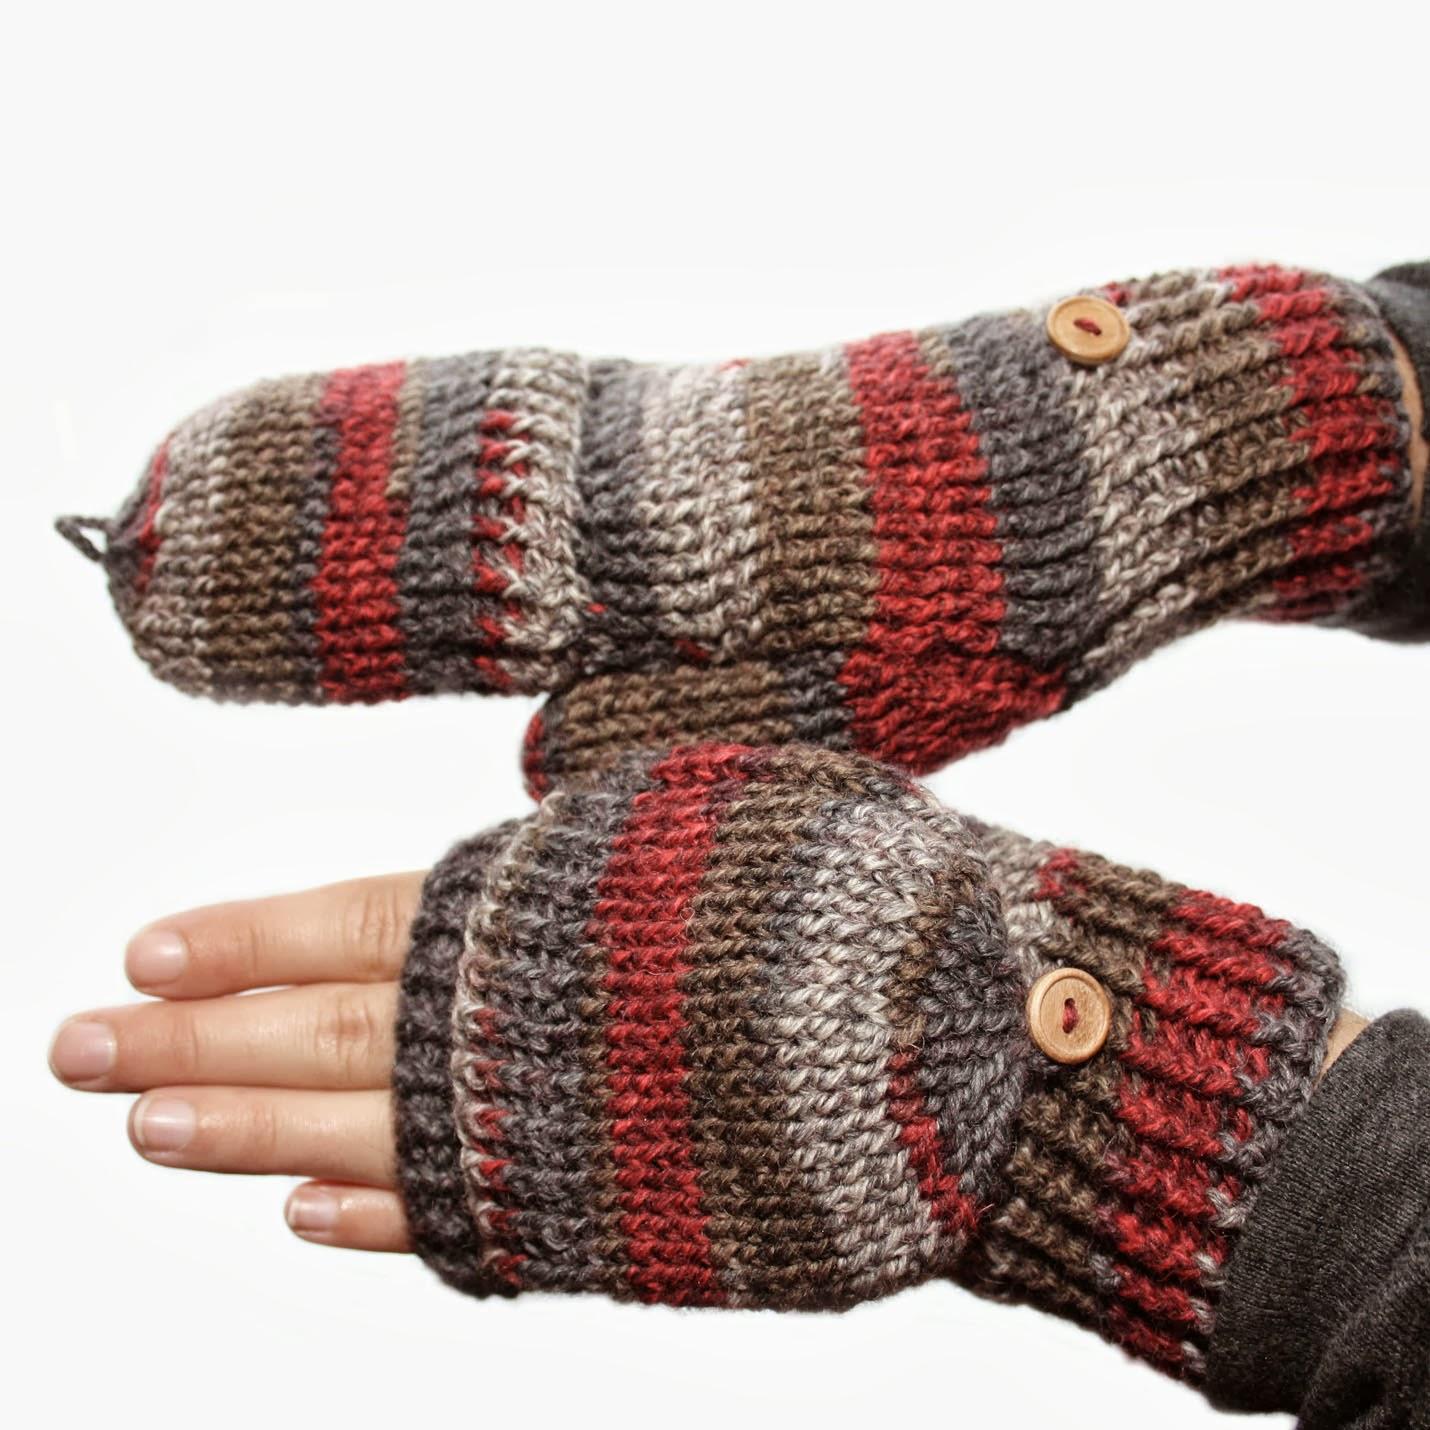 Crochet Patterns Mittens : ... design shop: new crochet pattern - peekaboo mittens by kim miller